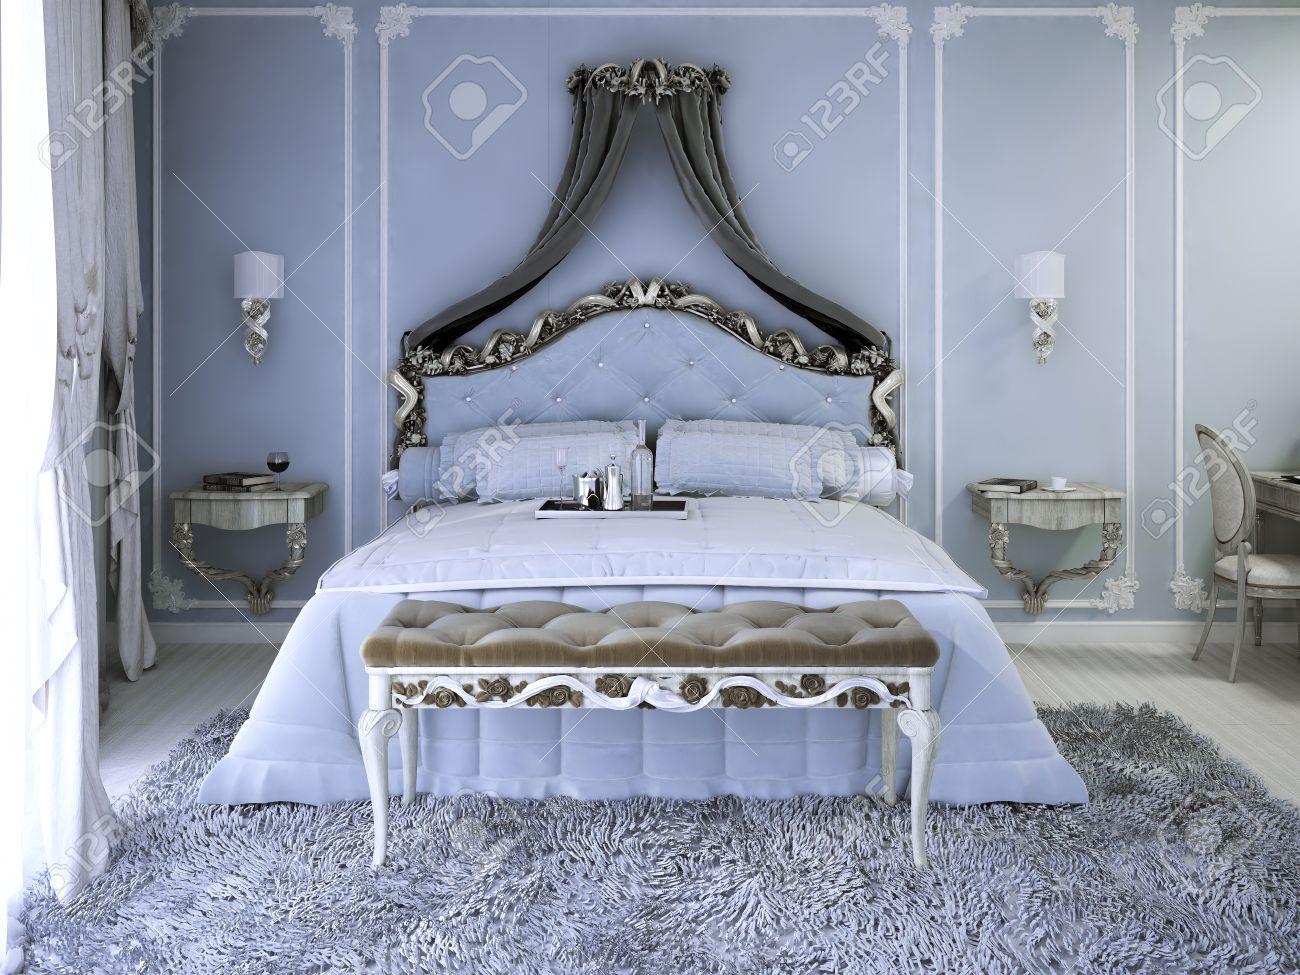 dubbele bed met gordijn in luxe royale slaapkamer met lichtblauwe muren tick pile